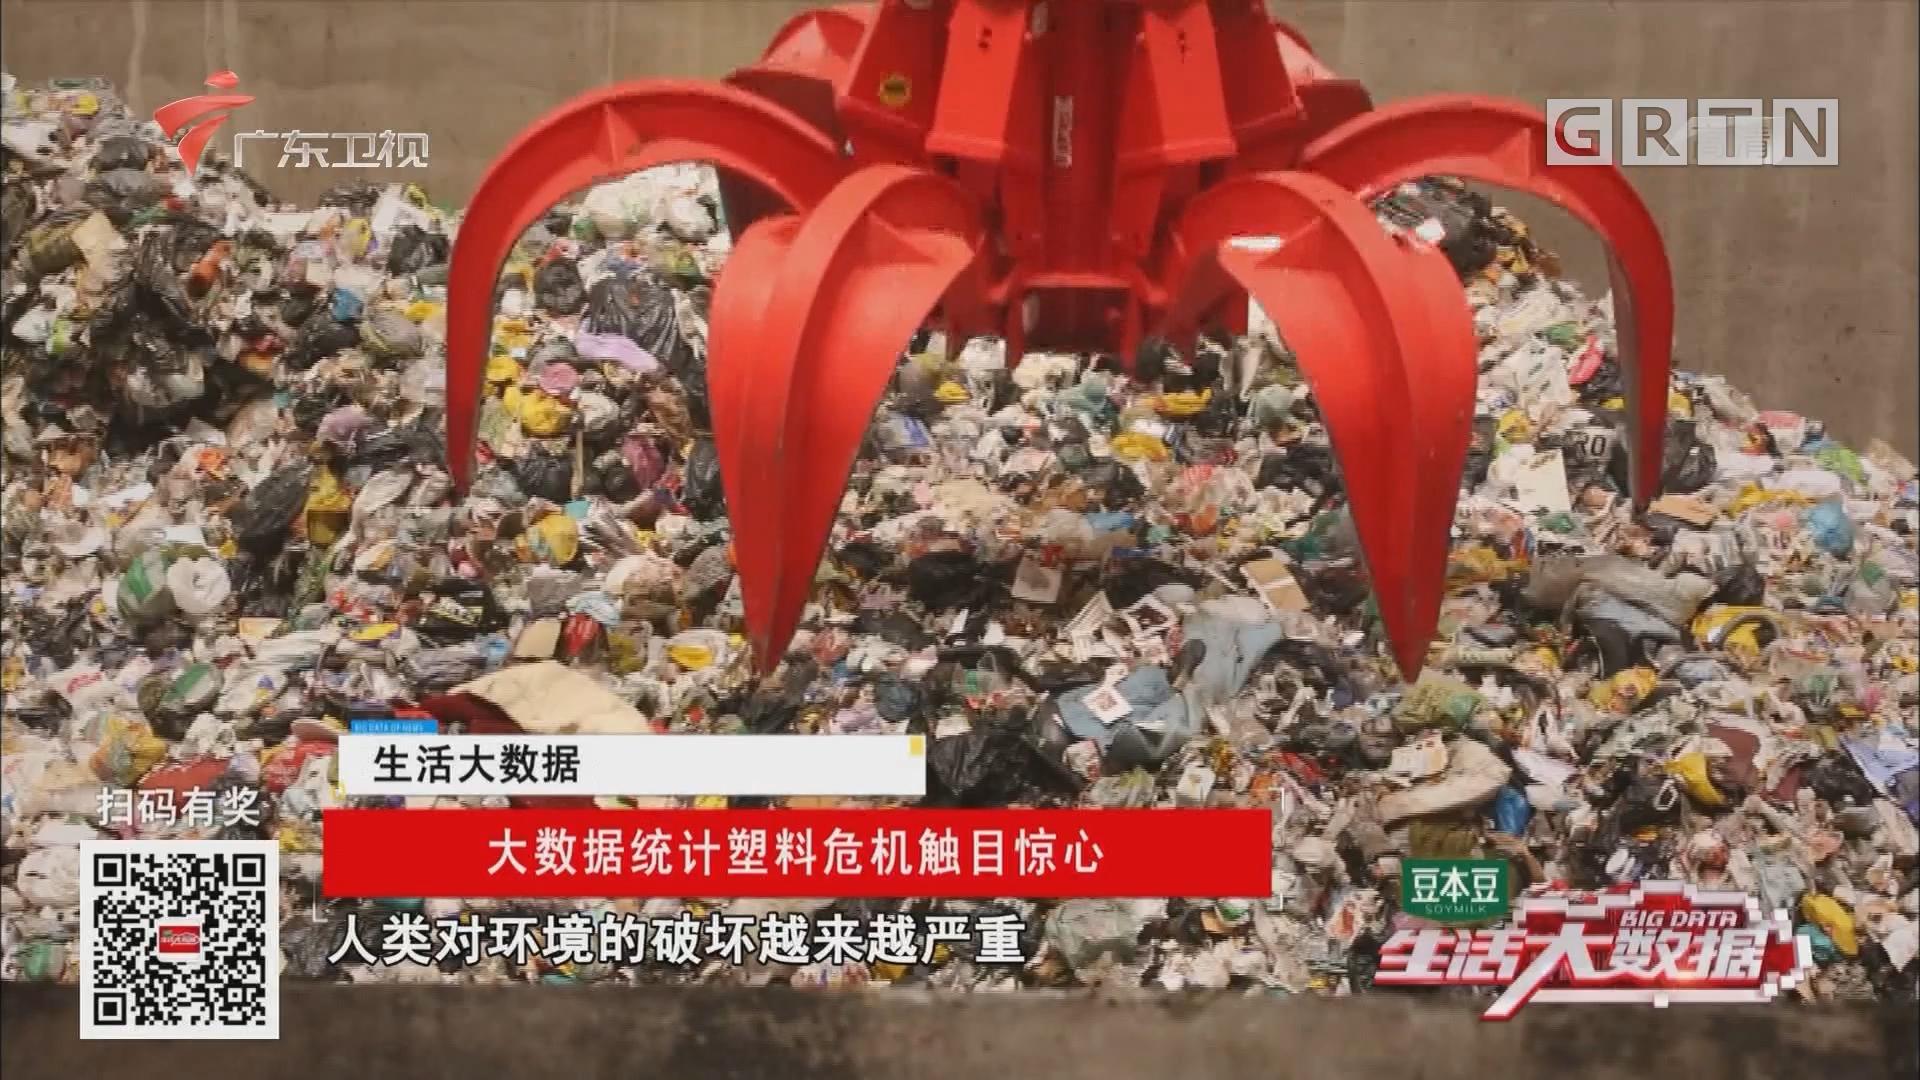 大数据统计塑料危机触目惊心